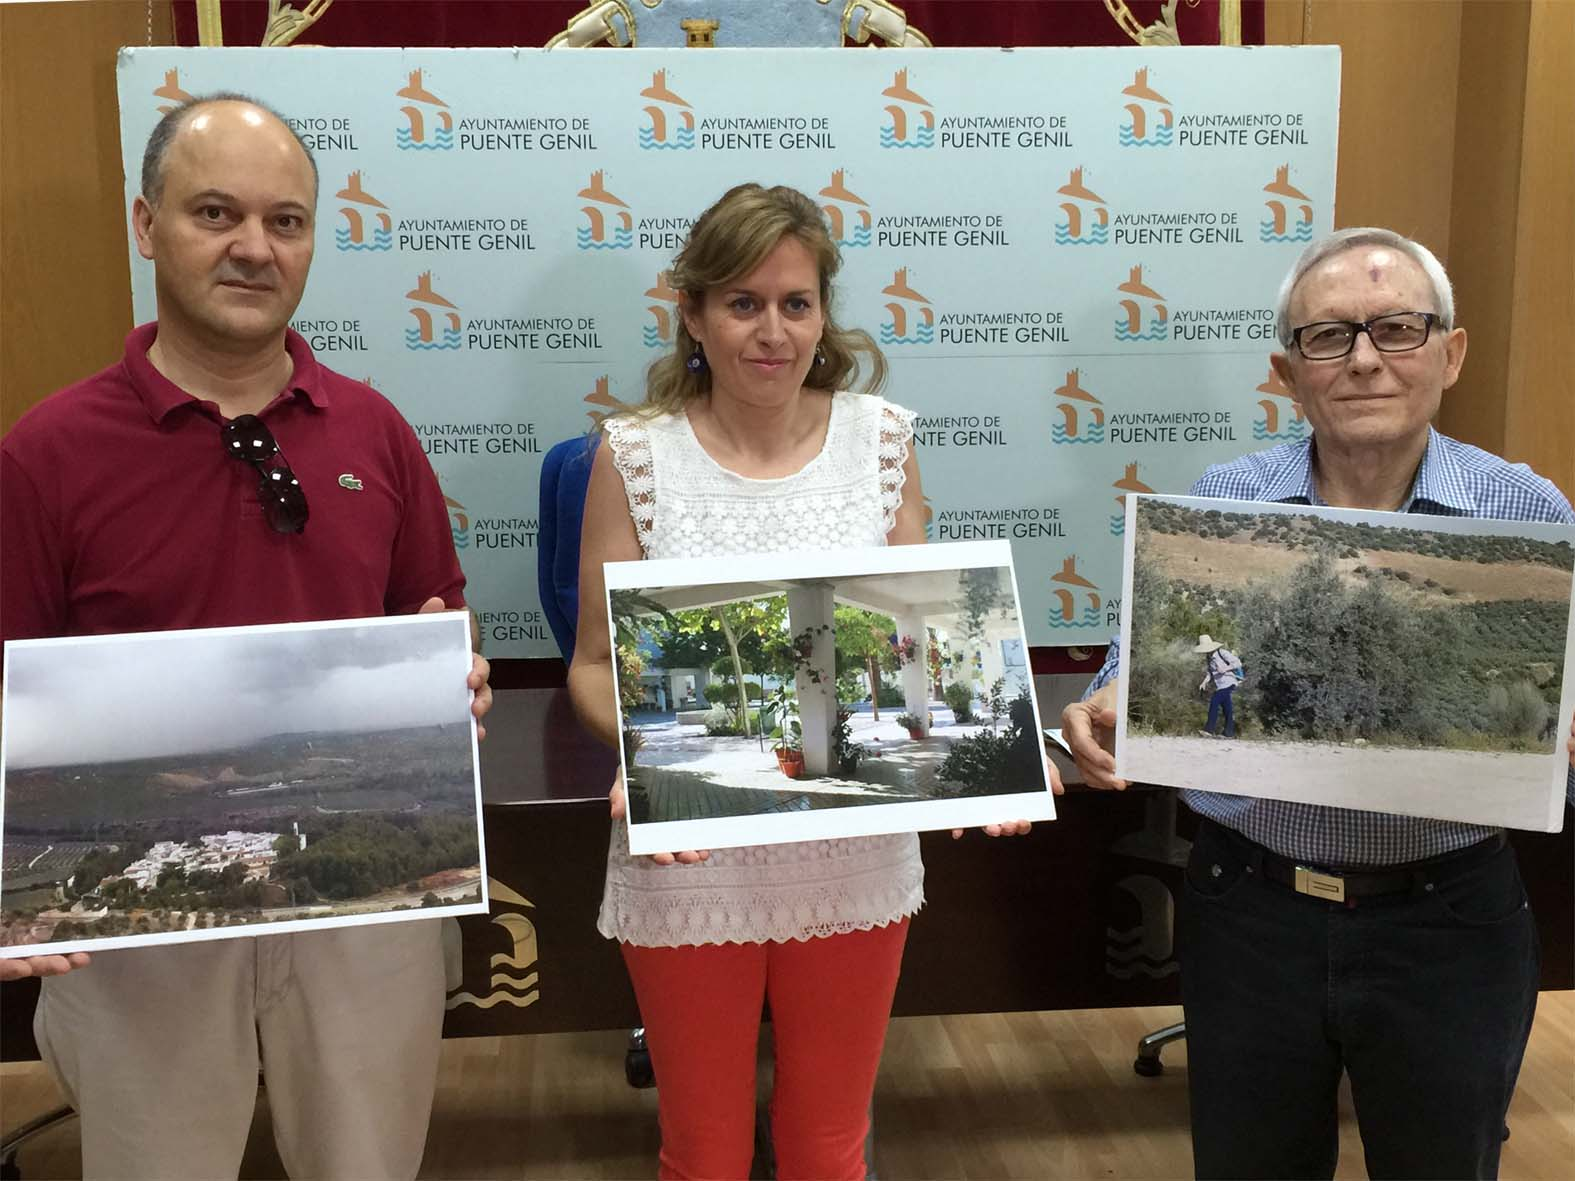 Fotografías ganadoras del concurso